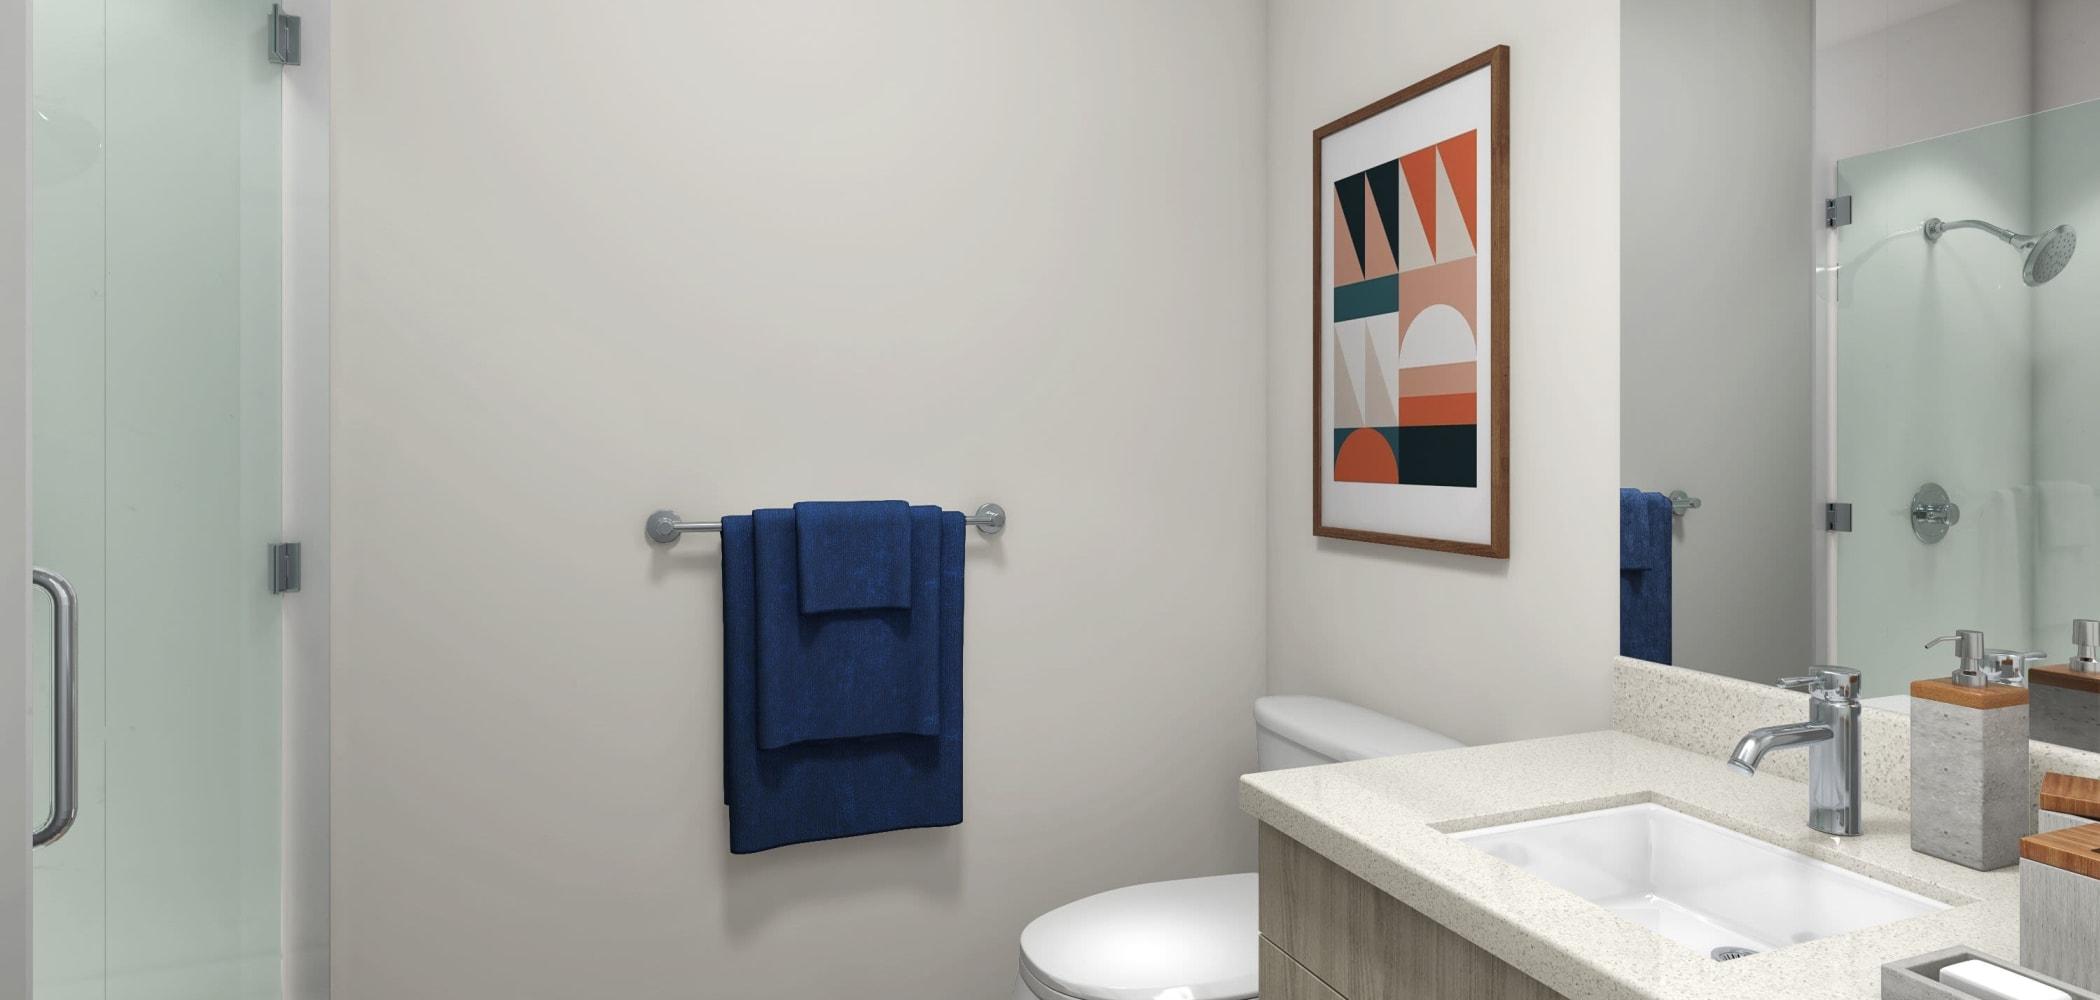 Clean bathroom at UNCOMMON Flagstaff in Flagstaff, Arizona